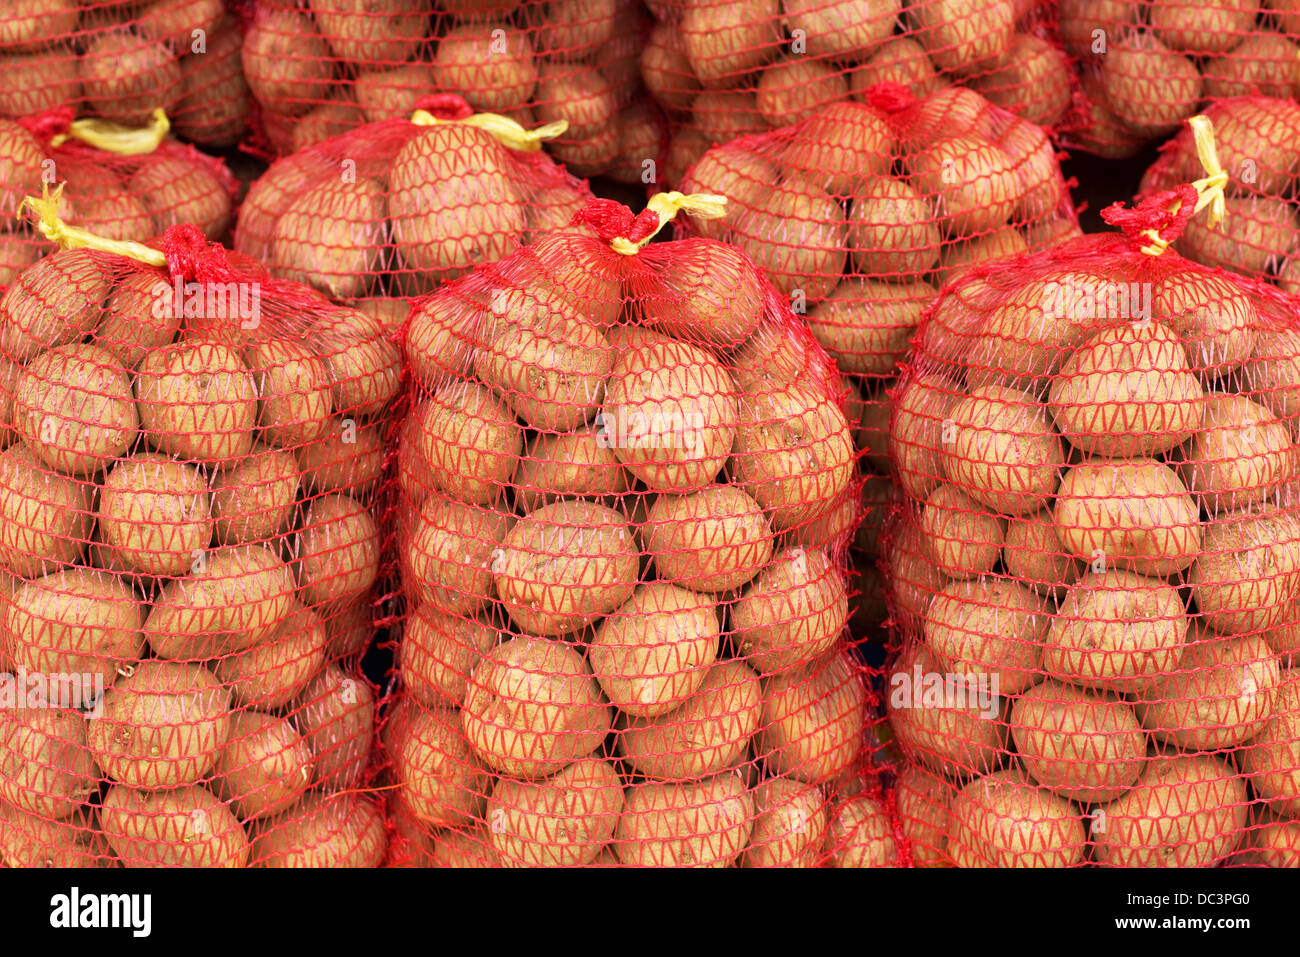 Red potato sacks on the street market - Stock Image